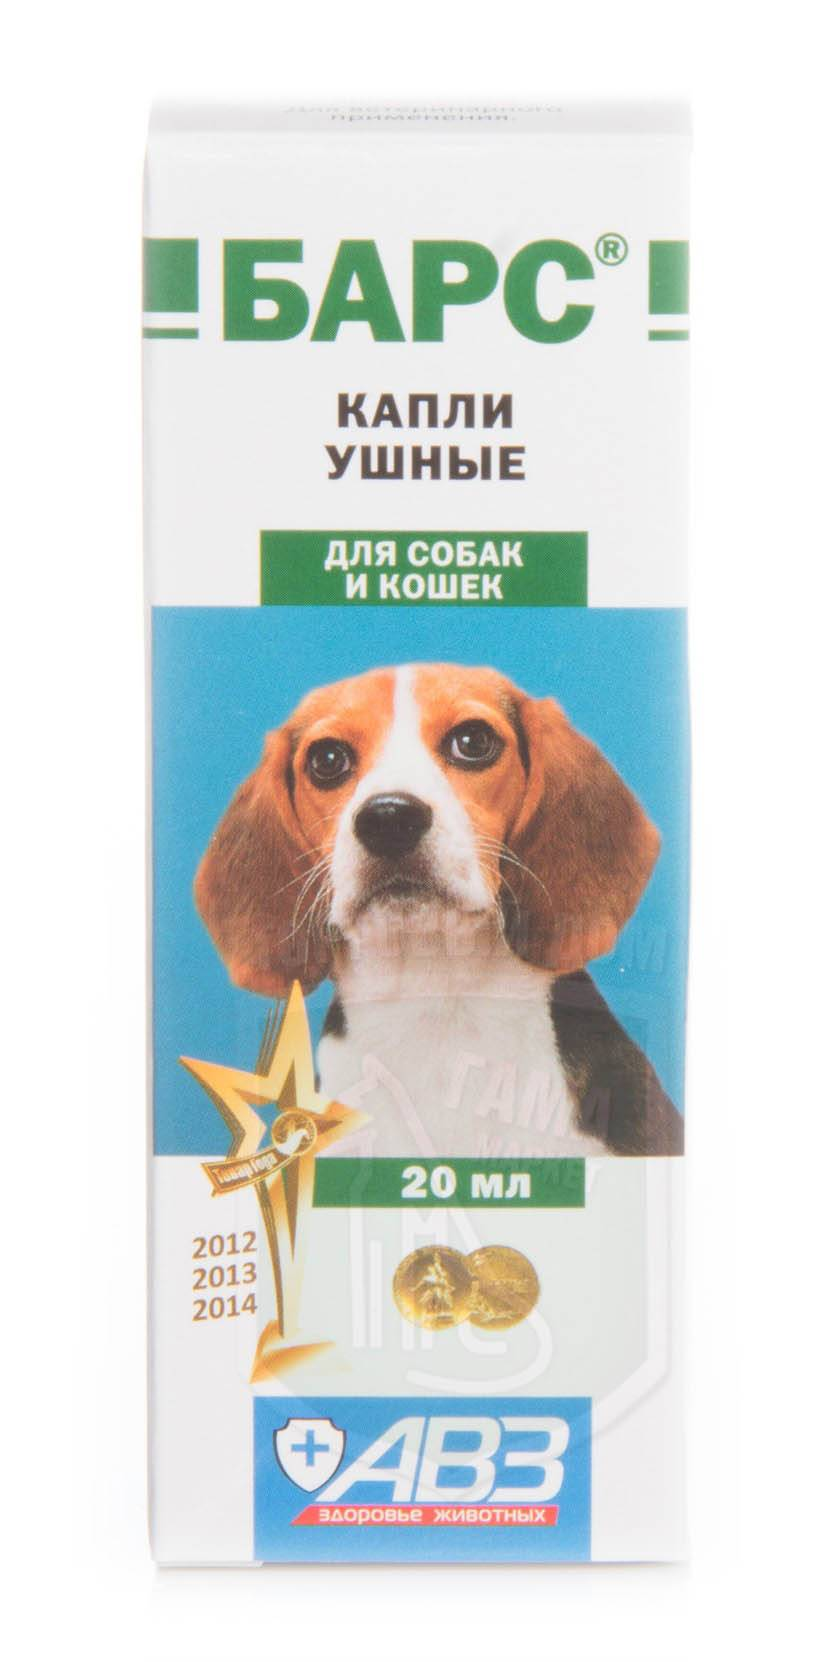 Барс (ушные капли) для собак и кошек | отзывы о применении препаратов для животных от ветеринаров и заводчиков